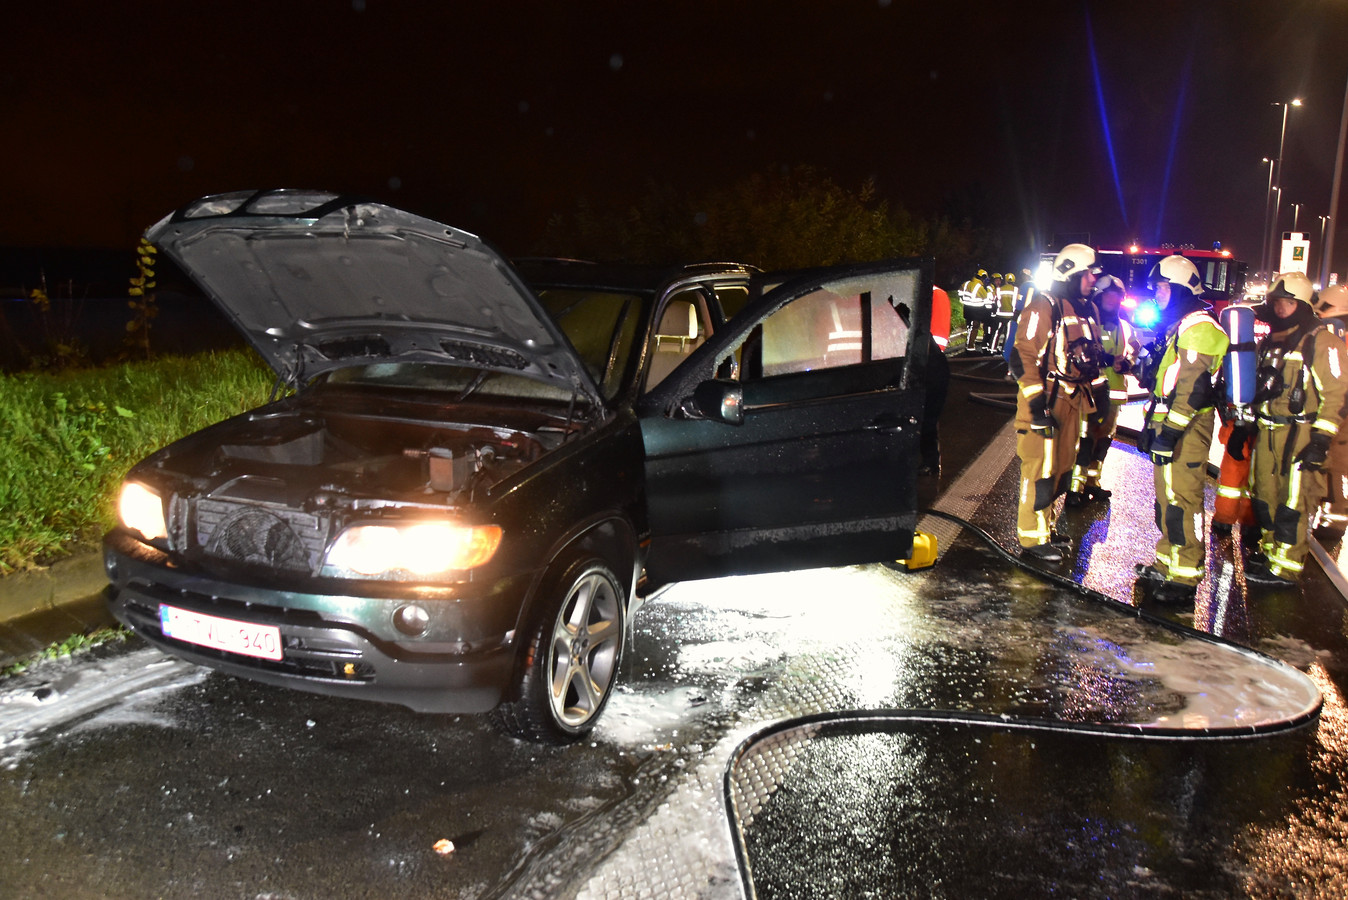 De schade aan de 18 jaar oude BMW X5 is aanzienlijk.